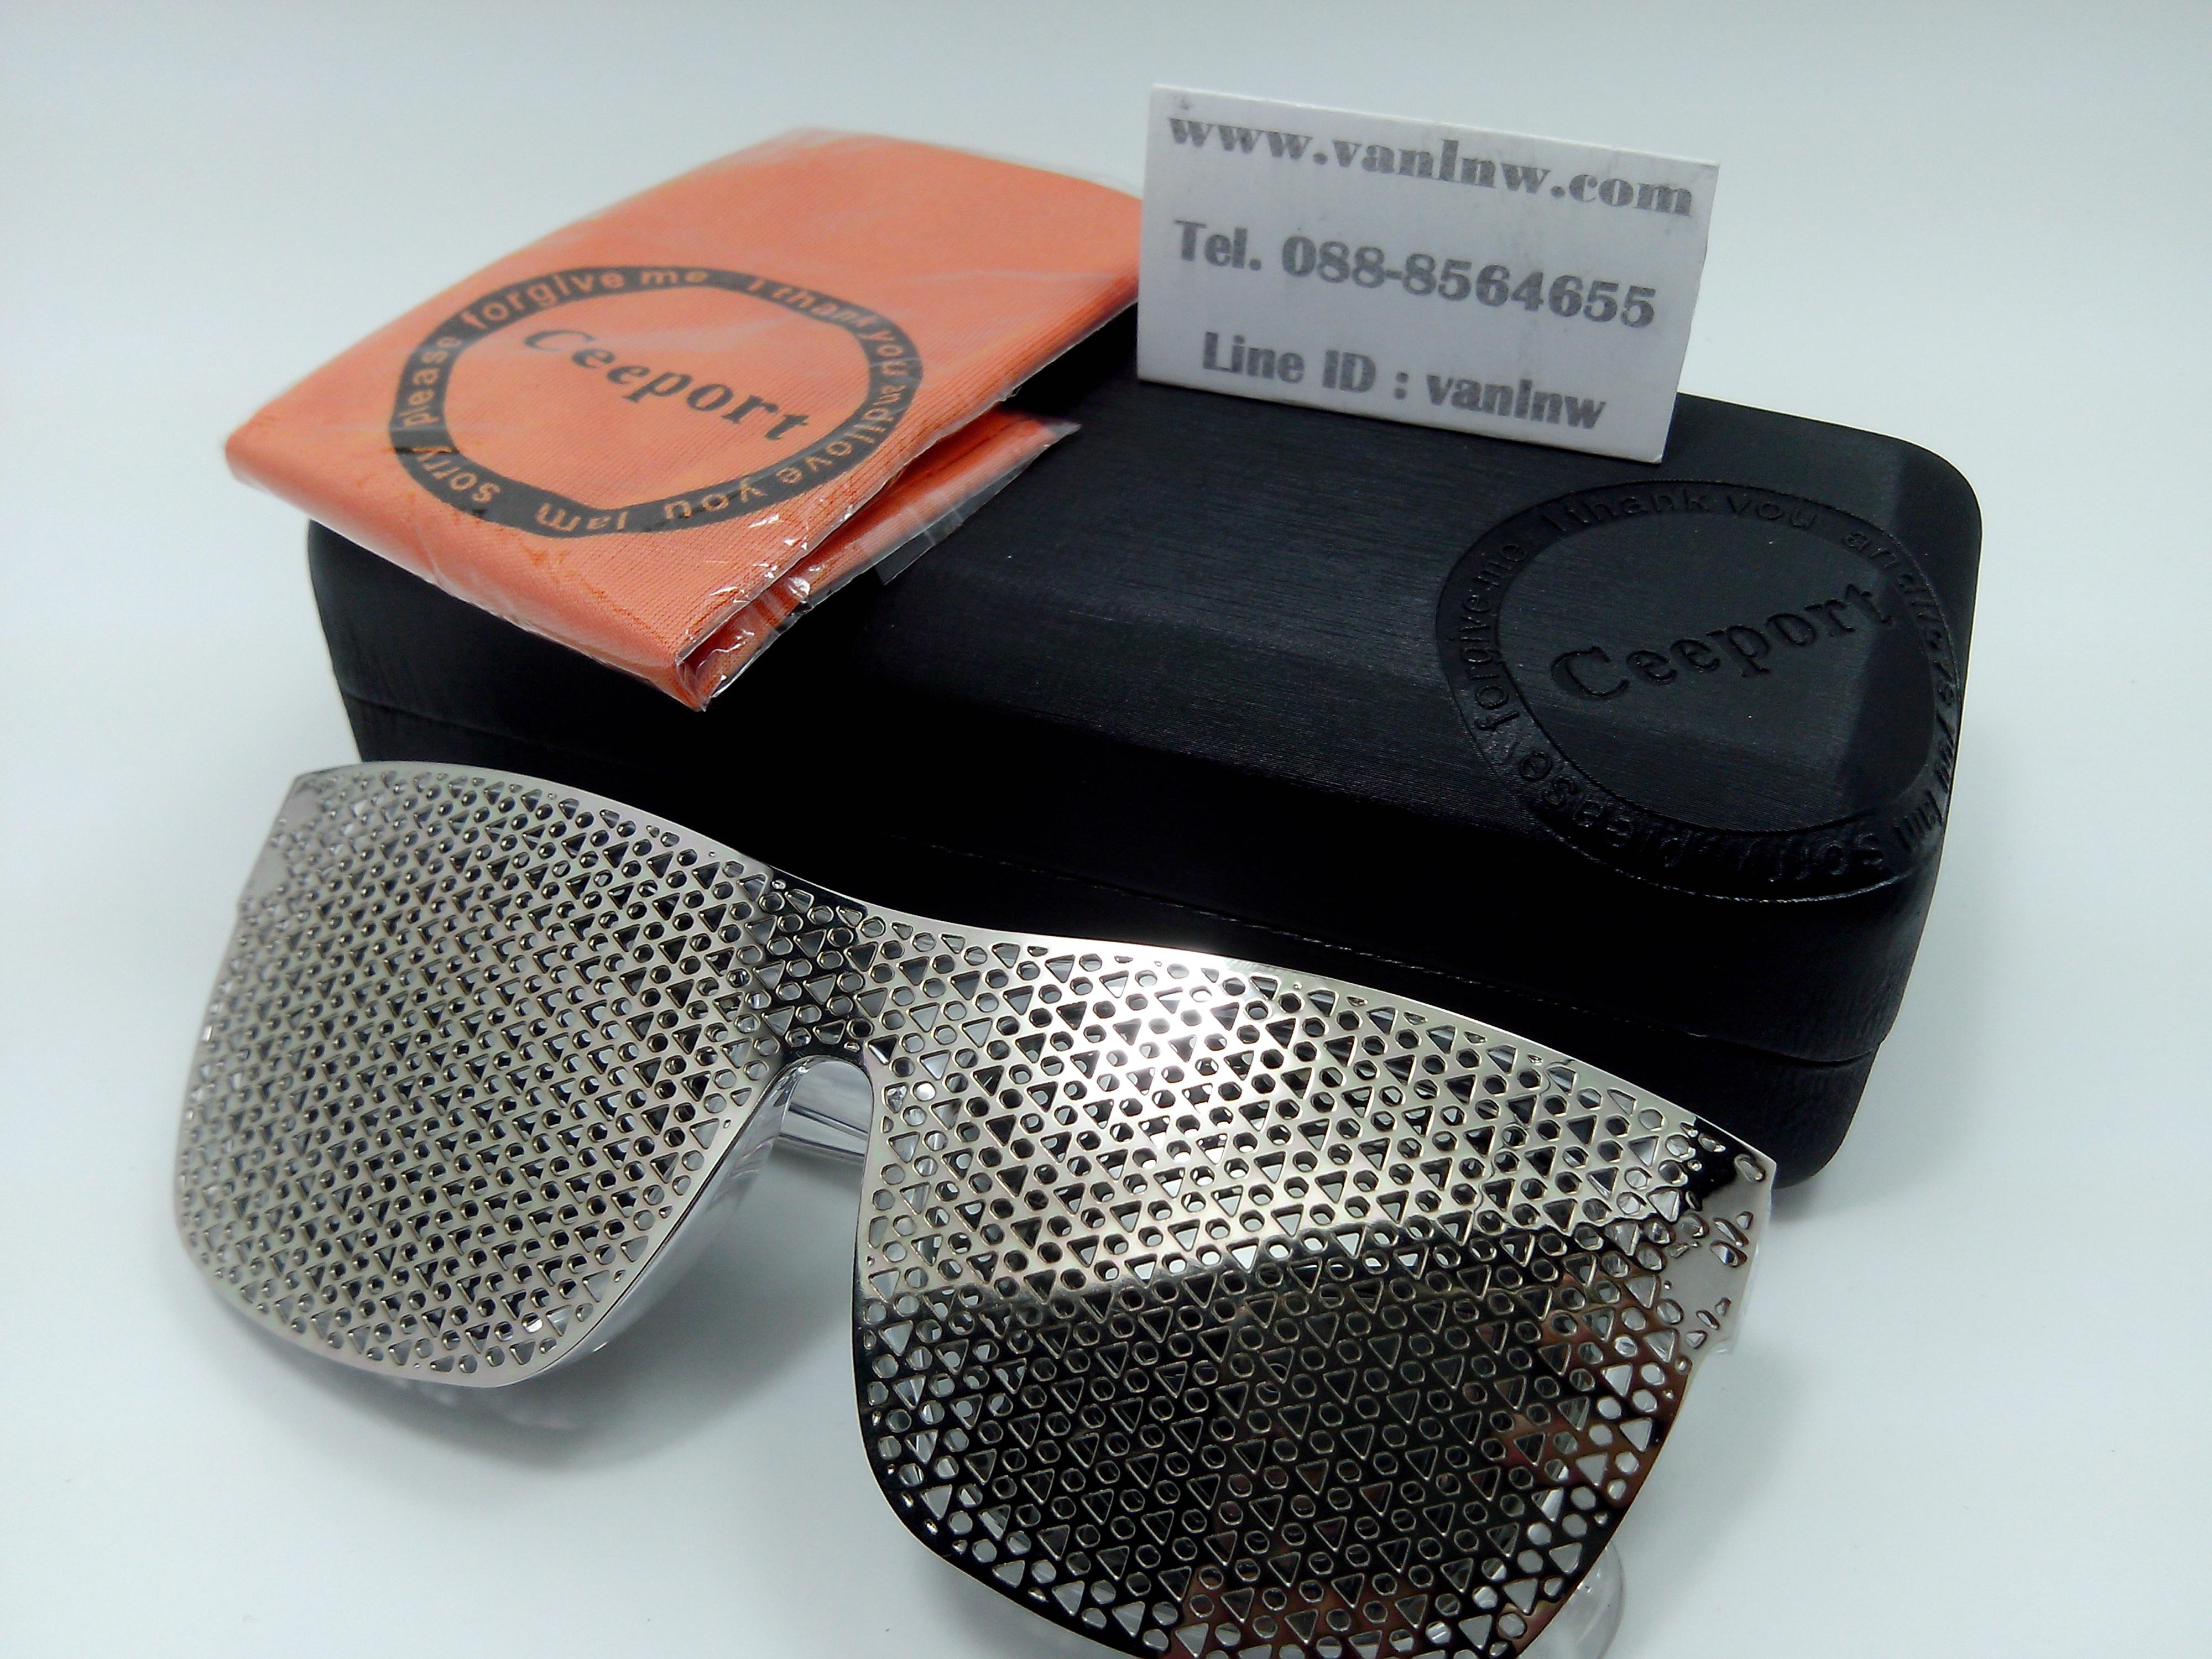 แว่นกันแดดคลิปออน K6451 54-19 134 <ปรอทเงิน>